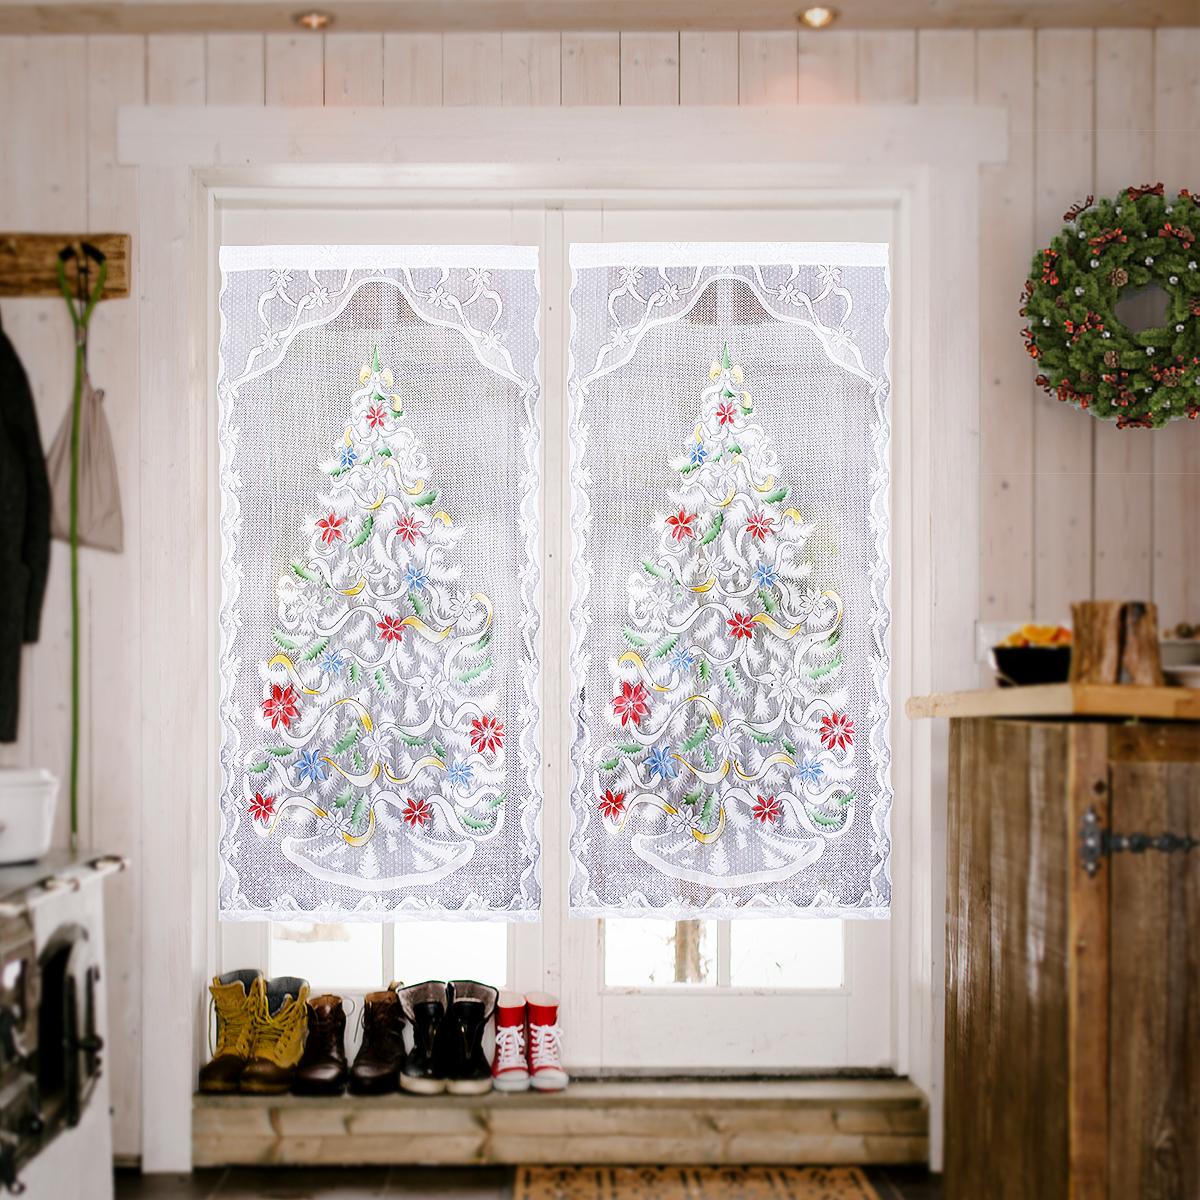 Photo De Rideau Pour Fenetre 213cm x 101cm rideaux de fenêtre décoration dentelle sapin